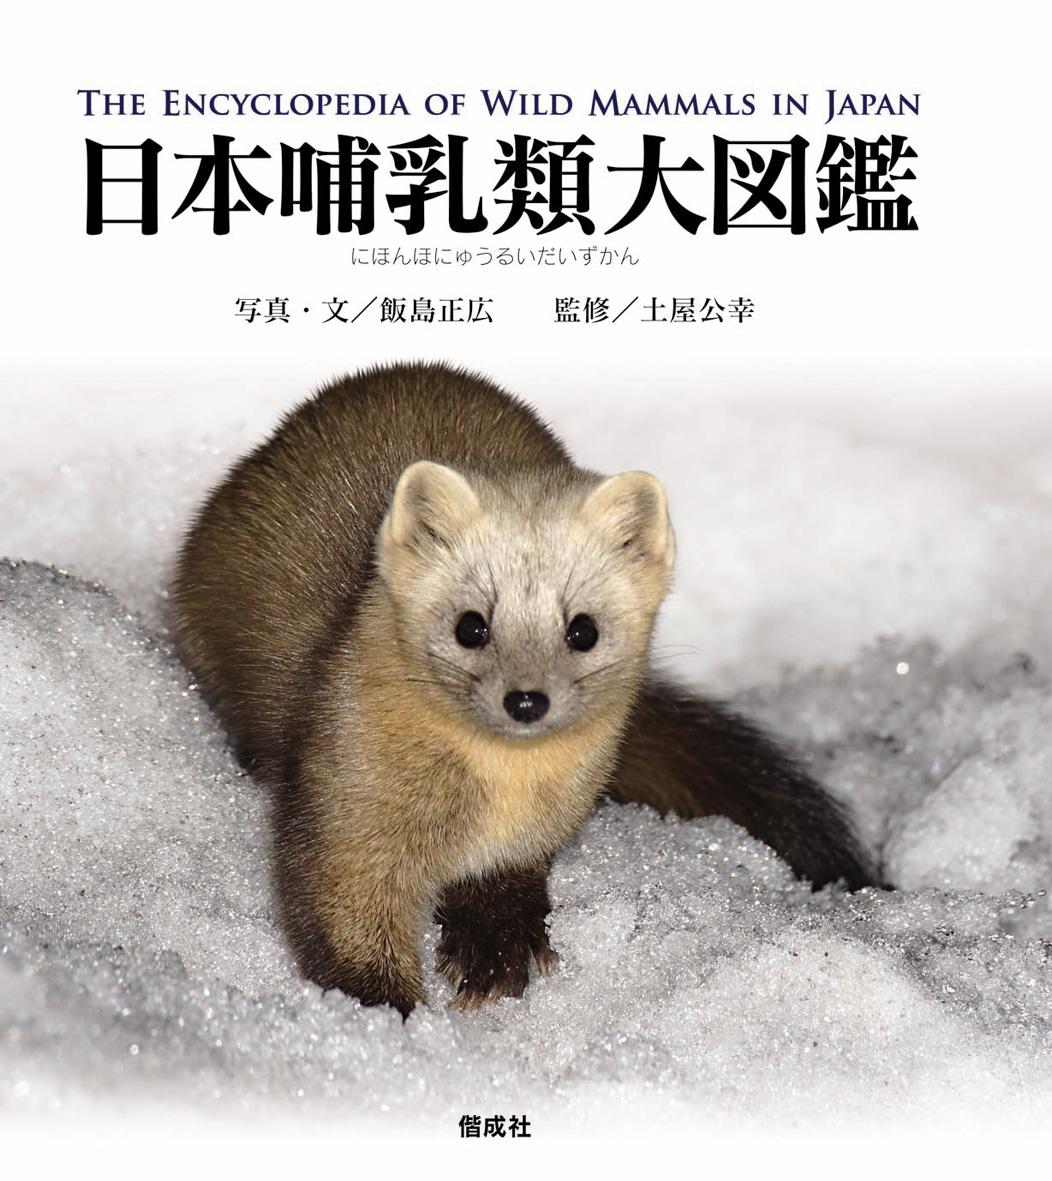 日本哺乳類大図鑑